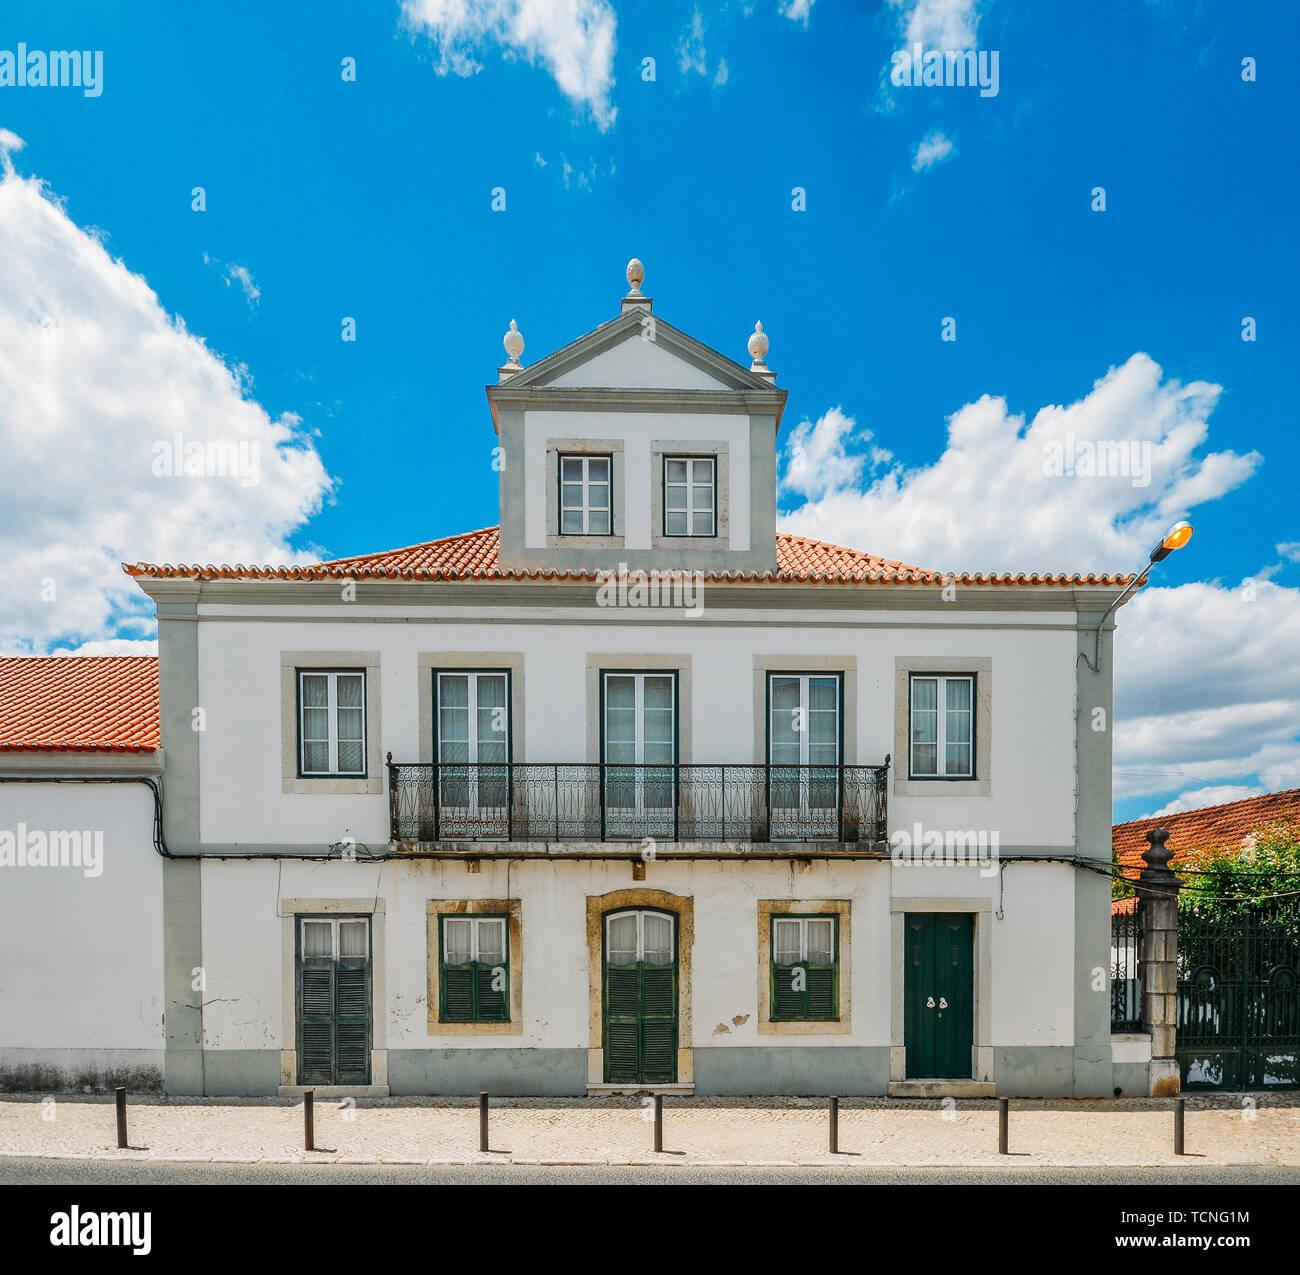 Португалия дома фото квартиры тайланд